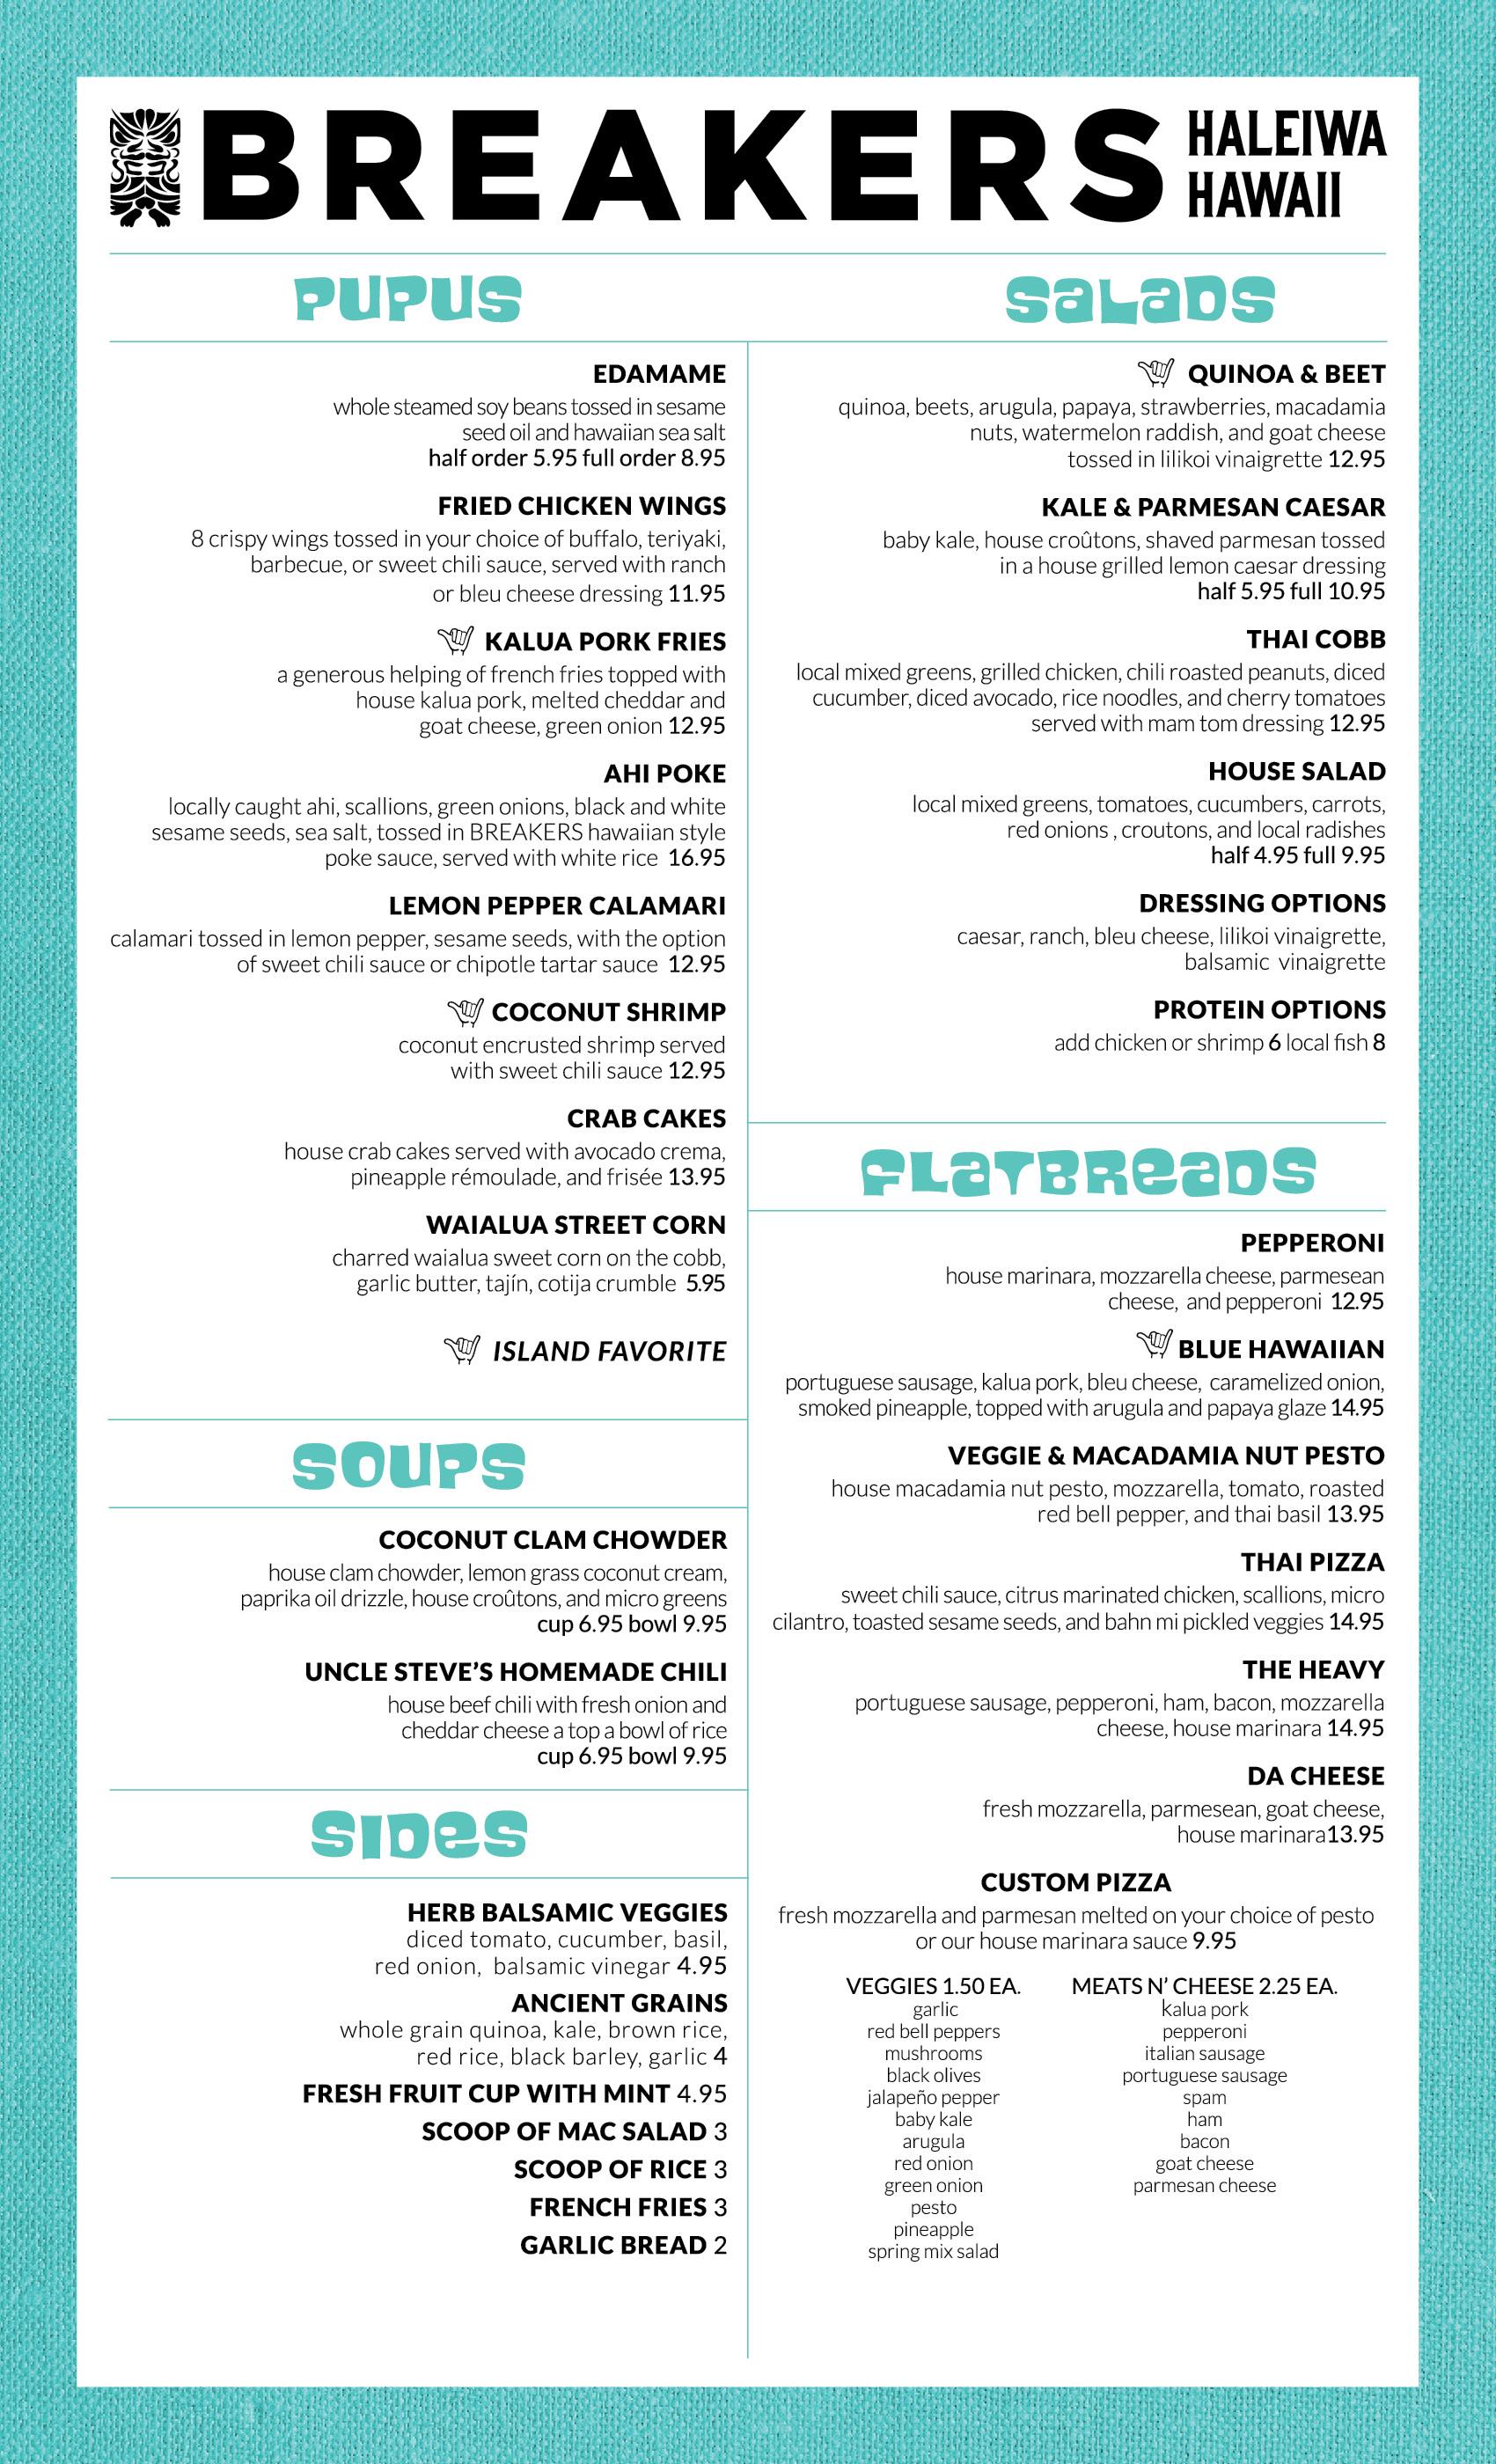 breakers_lunch_dinner_menu_PRINT_may 15 2018.jpg